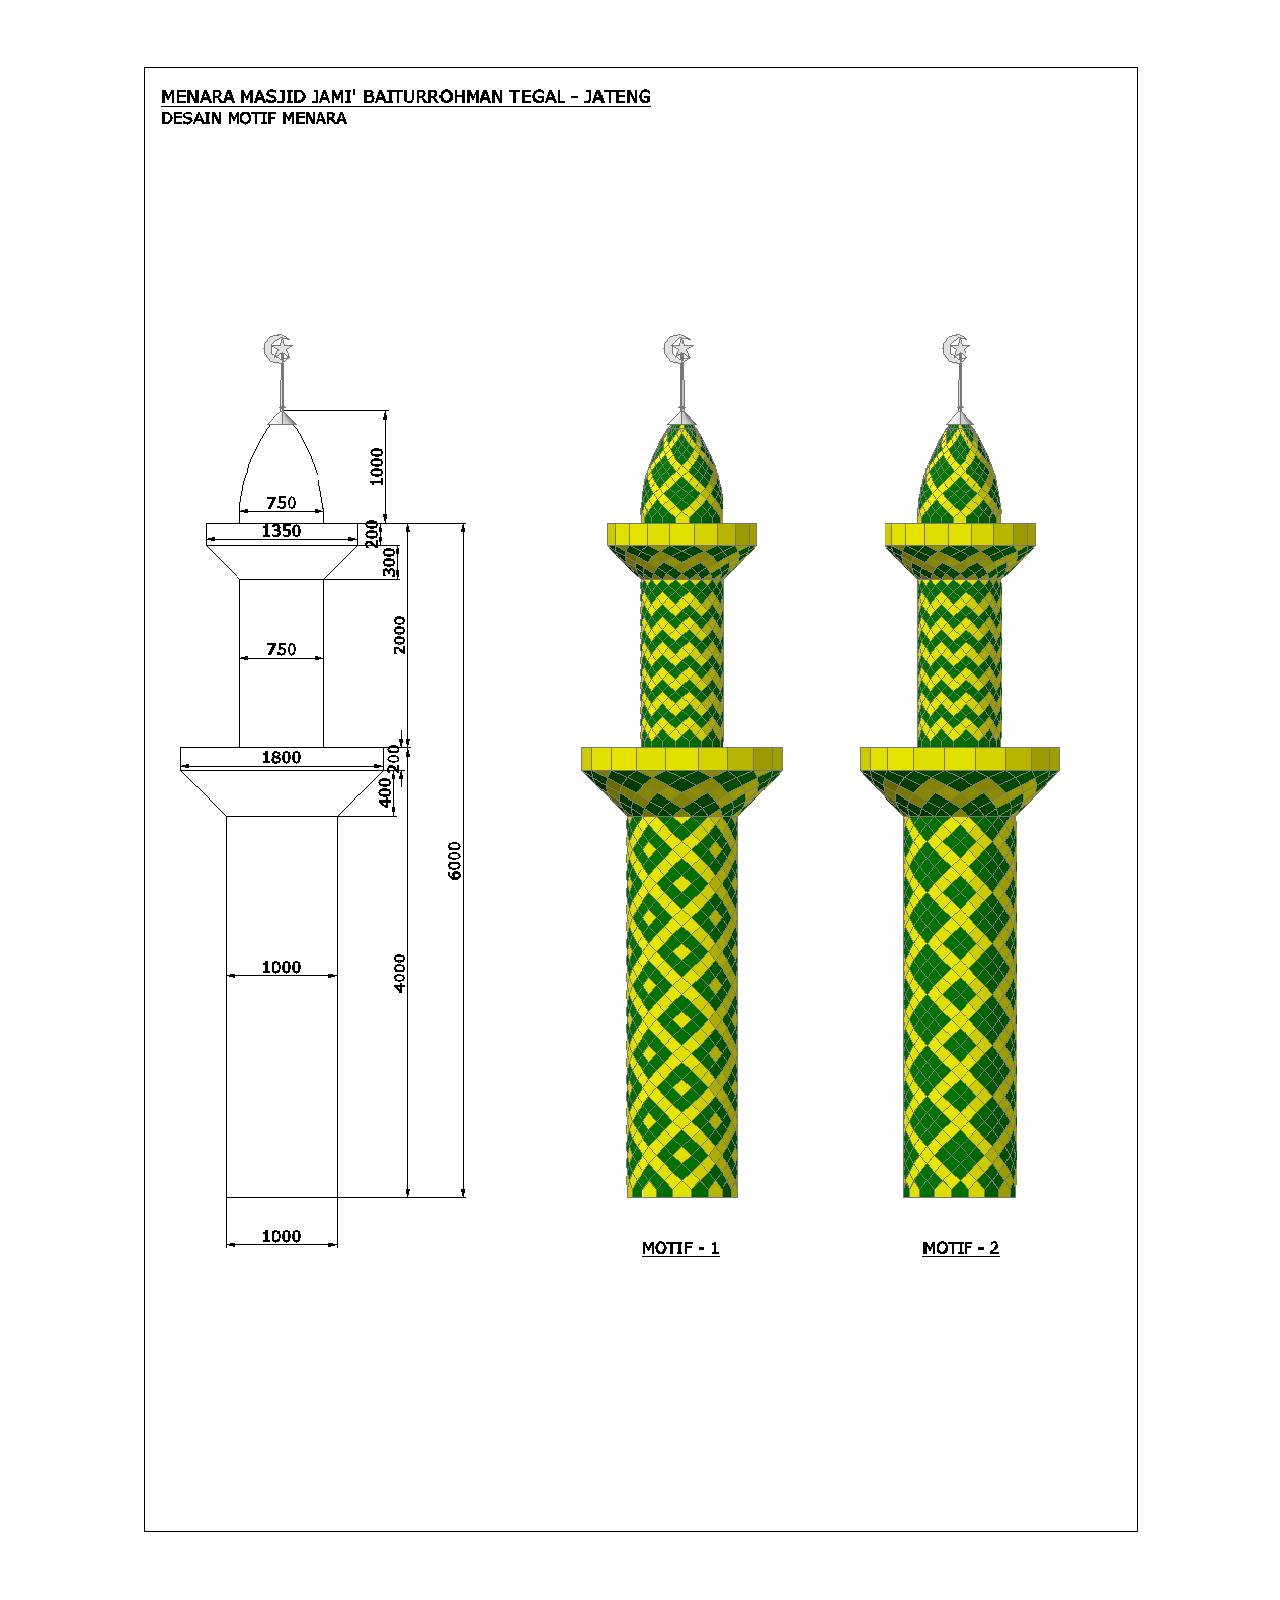 contoh, desain, gambar, menara, kubah, masjid, enamel, galvalum, alucopan, warna, cat, harga, murah, pengrajin, jawa tengah, barat, timur